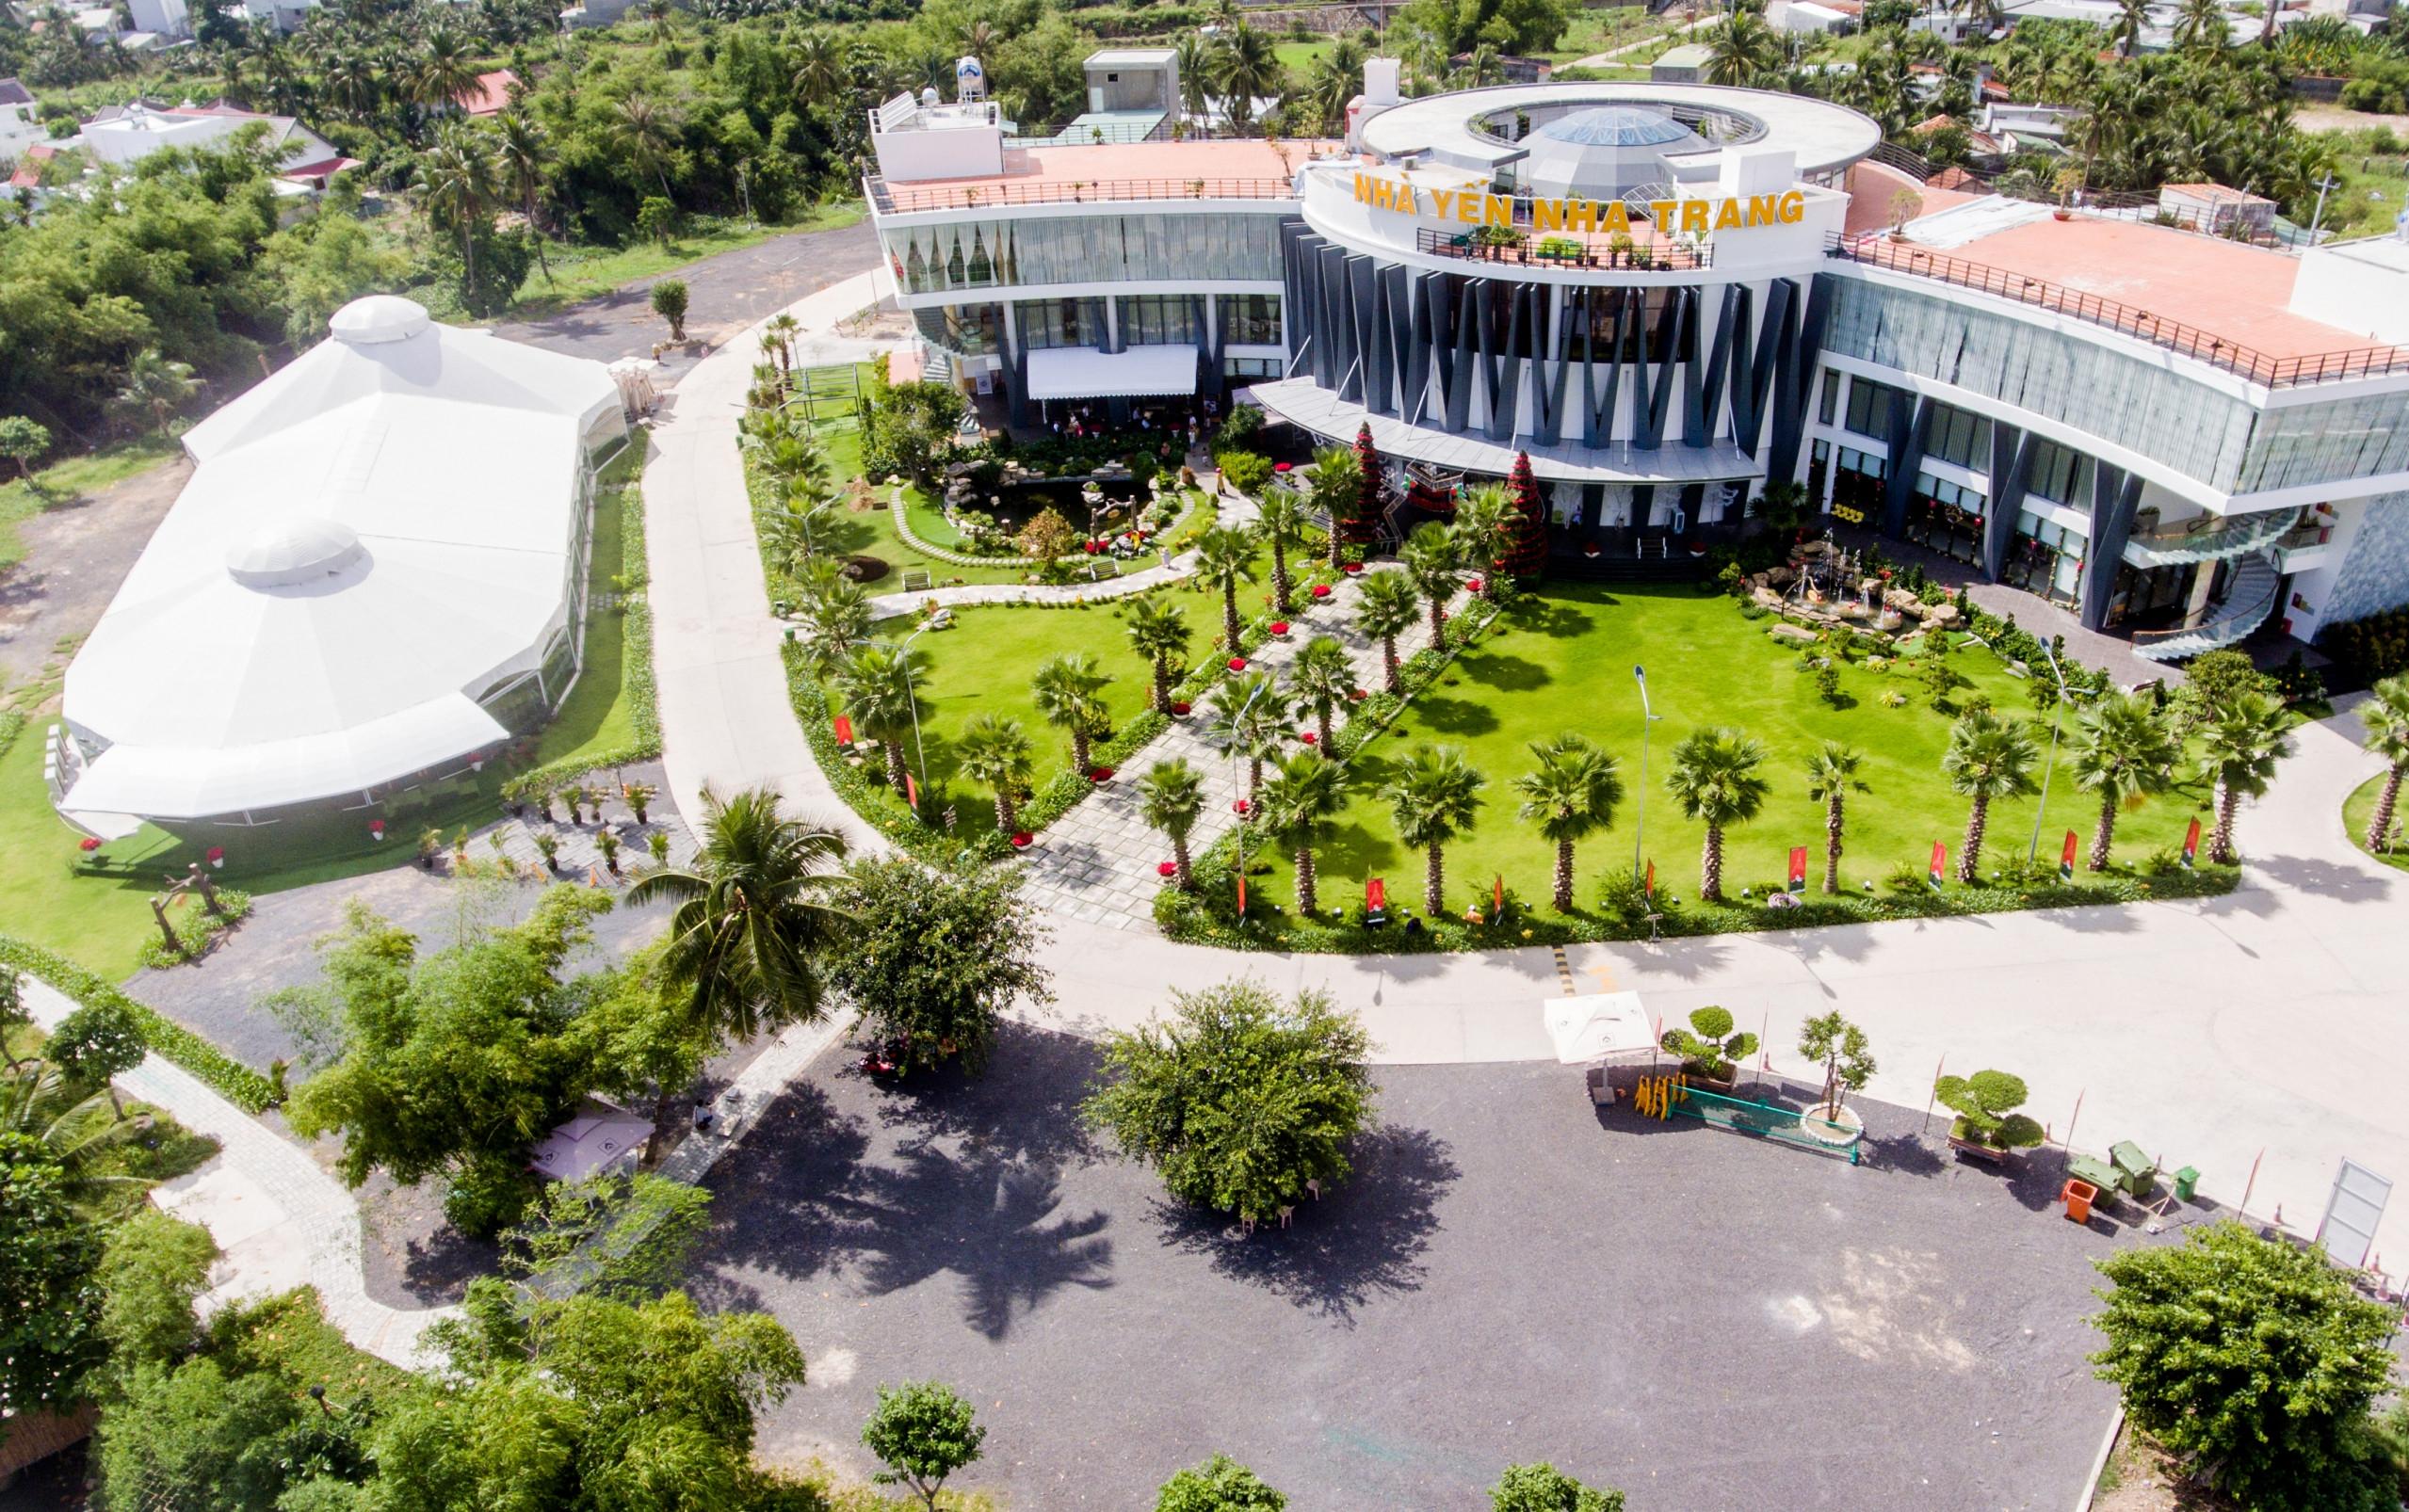 Lễ hội sắc màu Làng Yến tưng bừng đón Festival biển Nha Trang - Tin du lịch  và đời sống khánh hòa